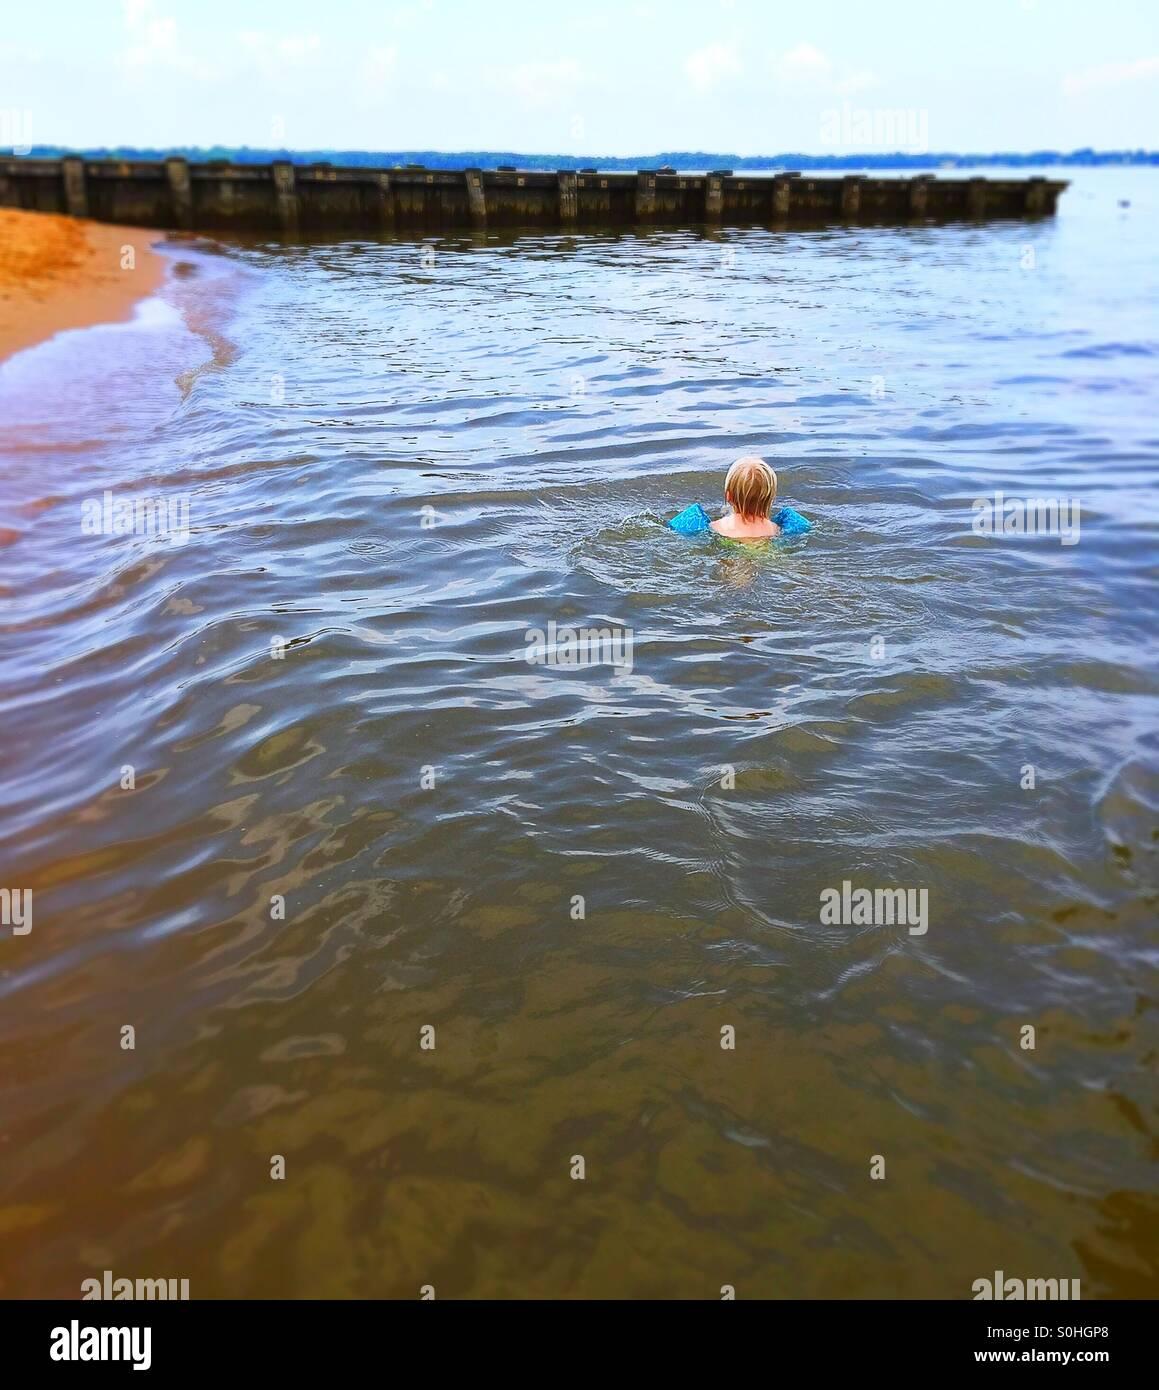 Caminar nadar en el río de pólvora Imagen De Stock